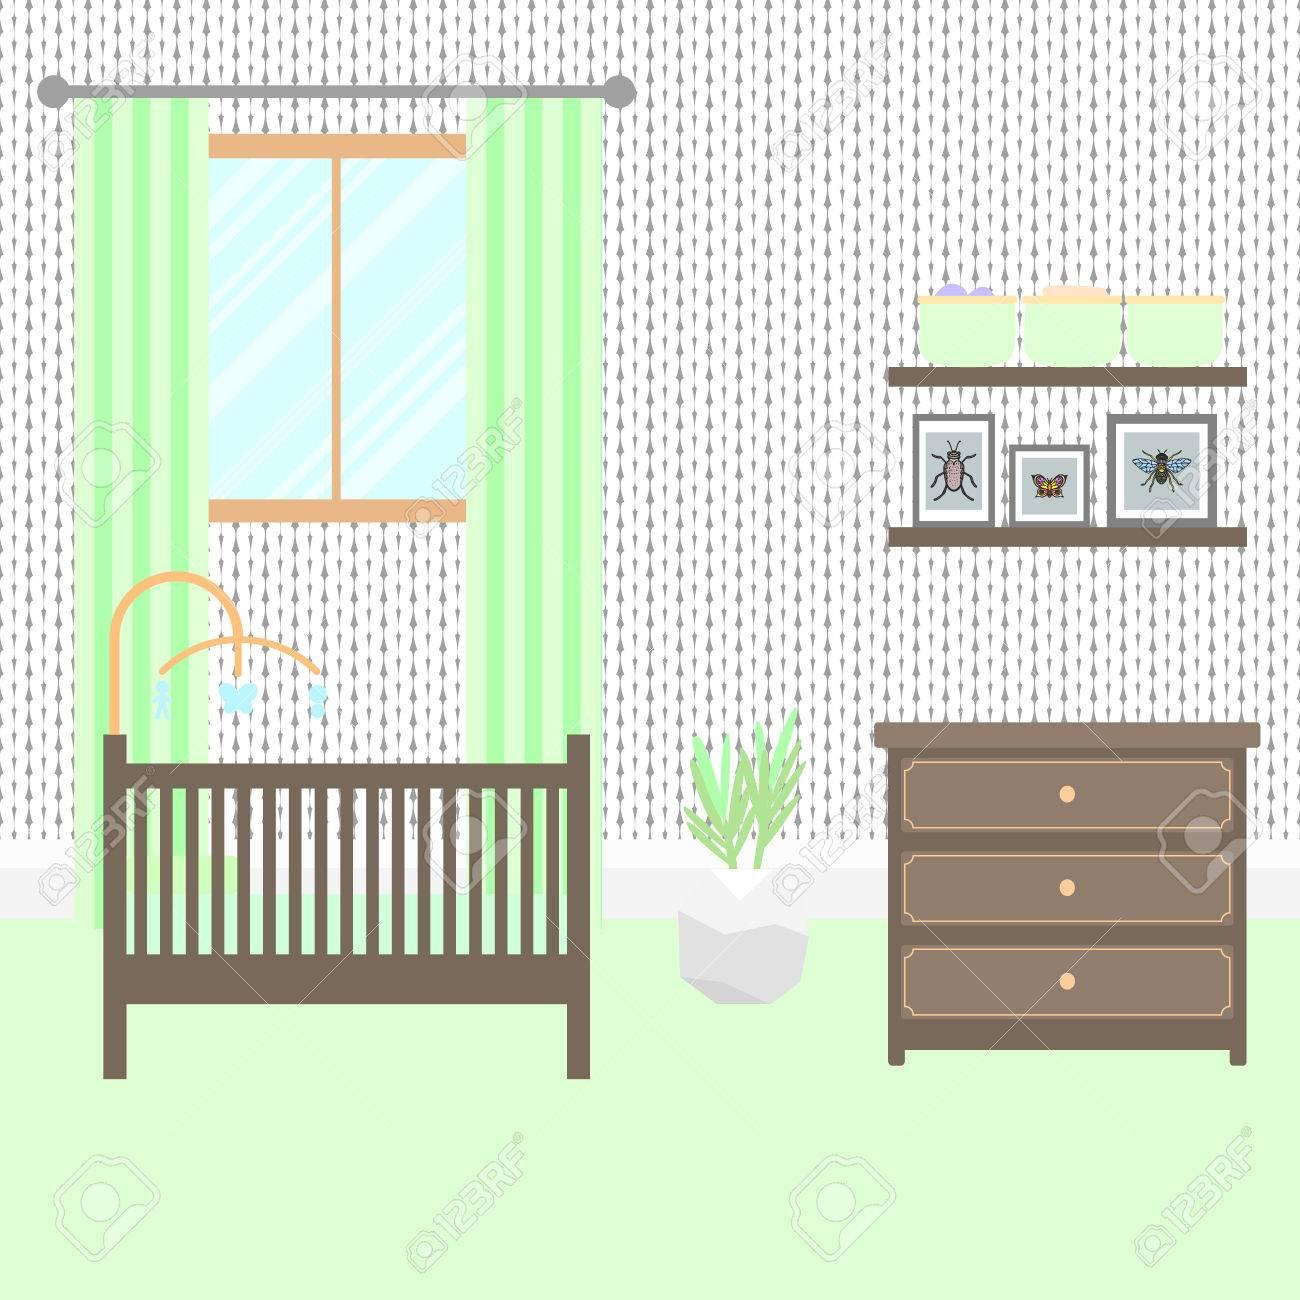 Chambre de bébé avec des meubles brun. Bébé intérieur vert. Boy design de  la chambre avec lit, lit mobile, commode et étagères de rangement. ...